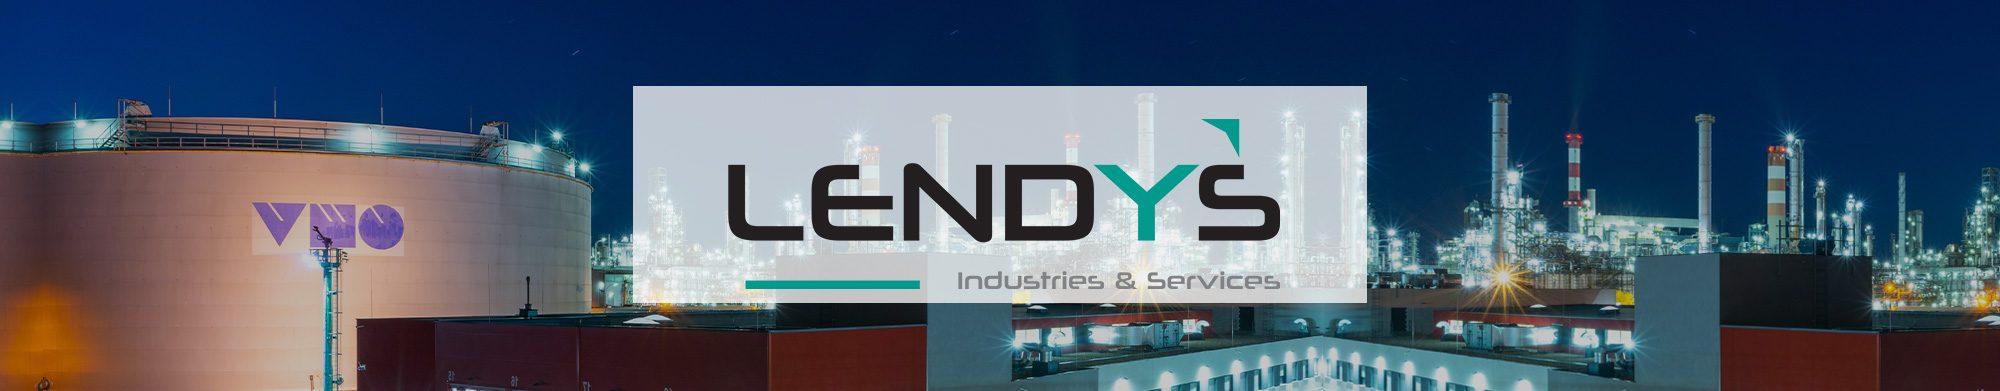 Lendys-IS